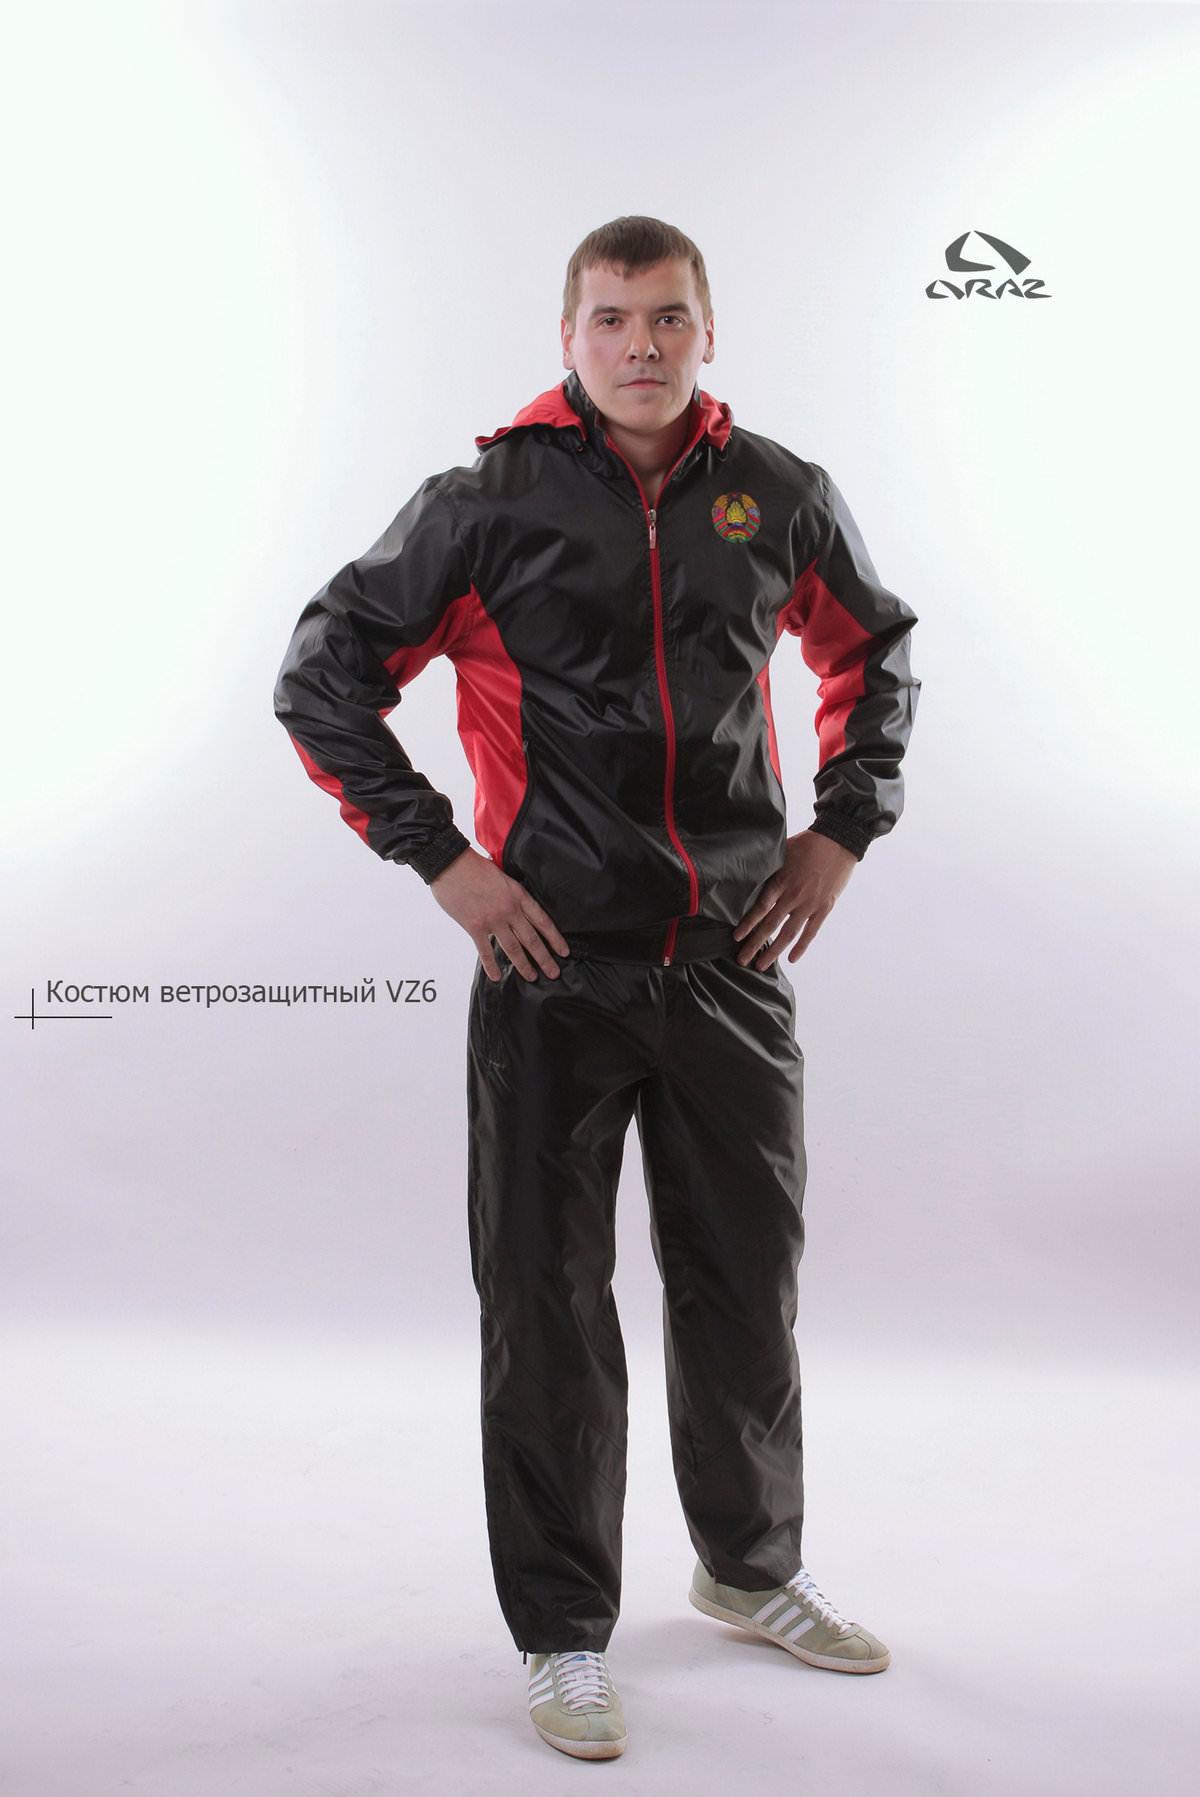 Oraz одежда для спорта и фитнеса